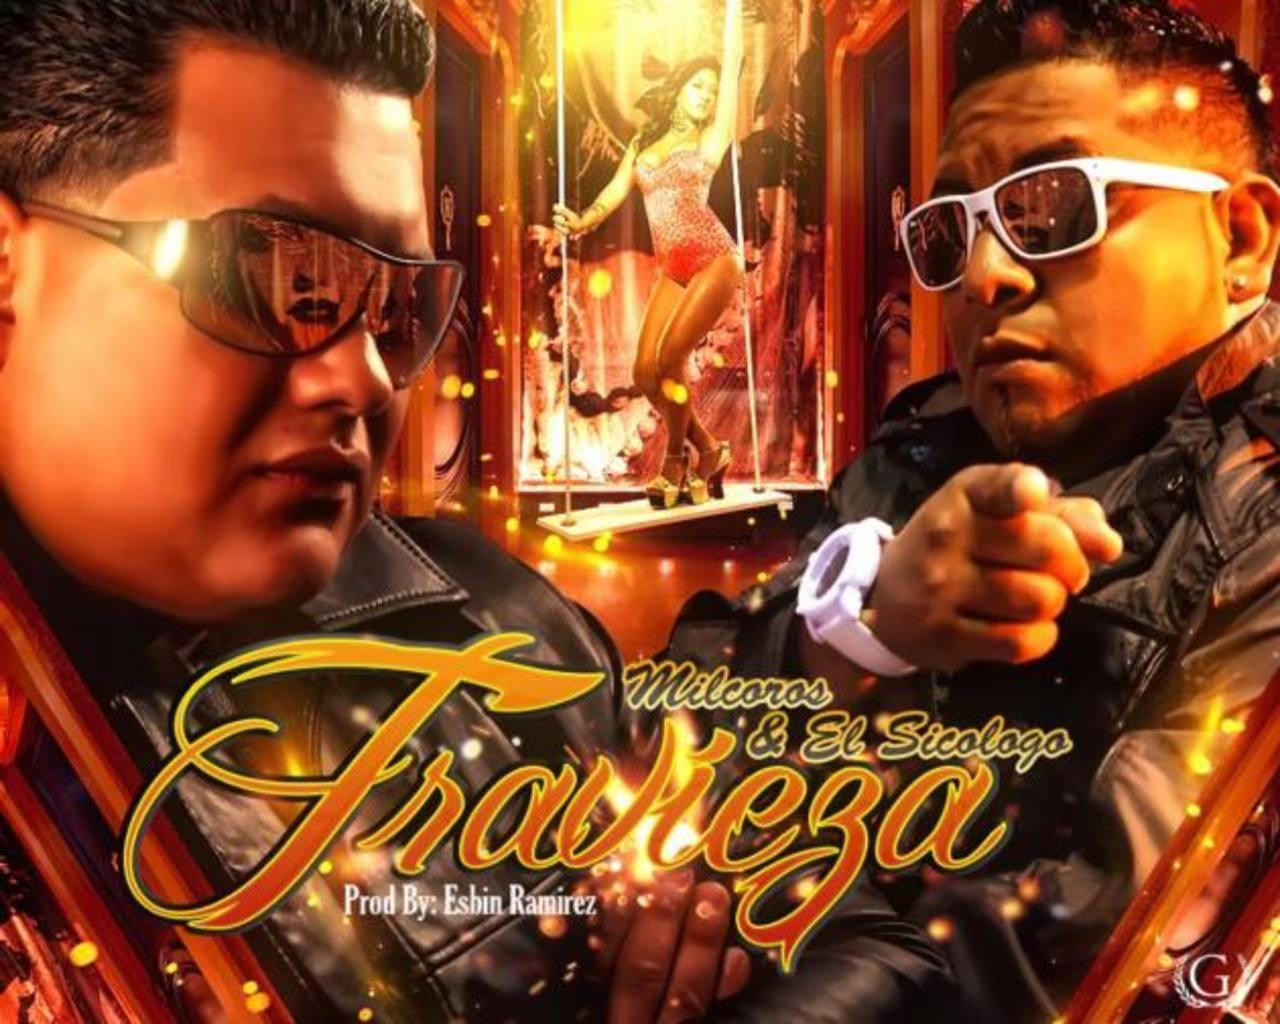 El dúo de artistas de origen centroamericano está presentando un sencillo con el que buscan darse a conocer en el país.